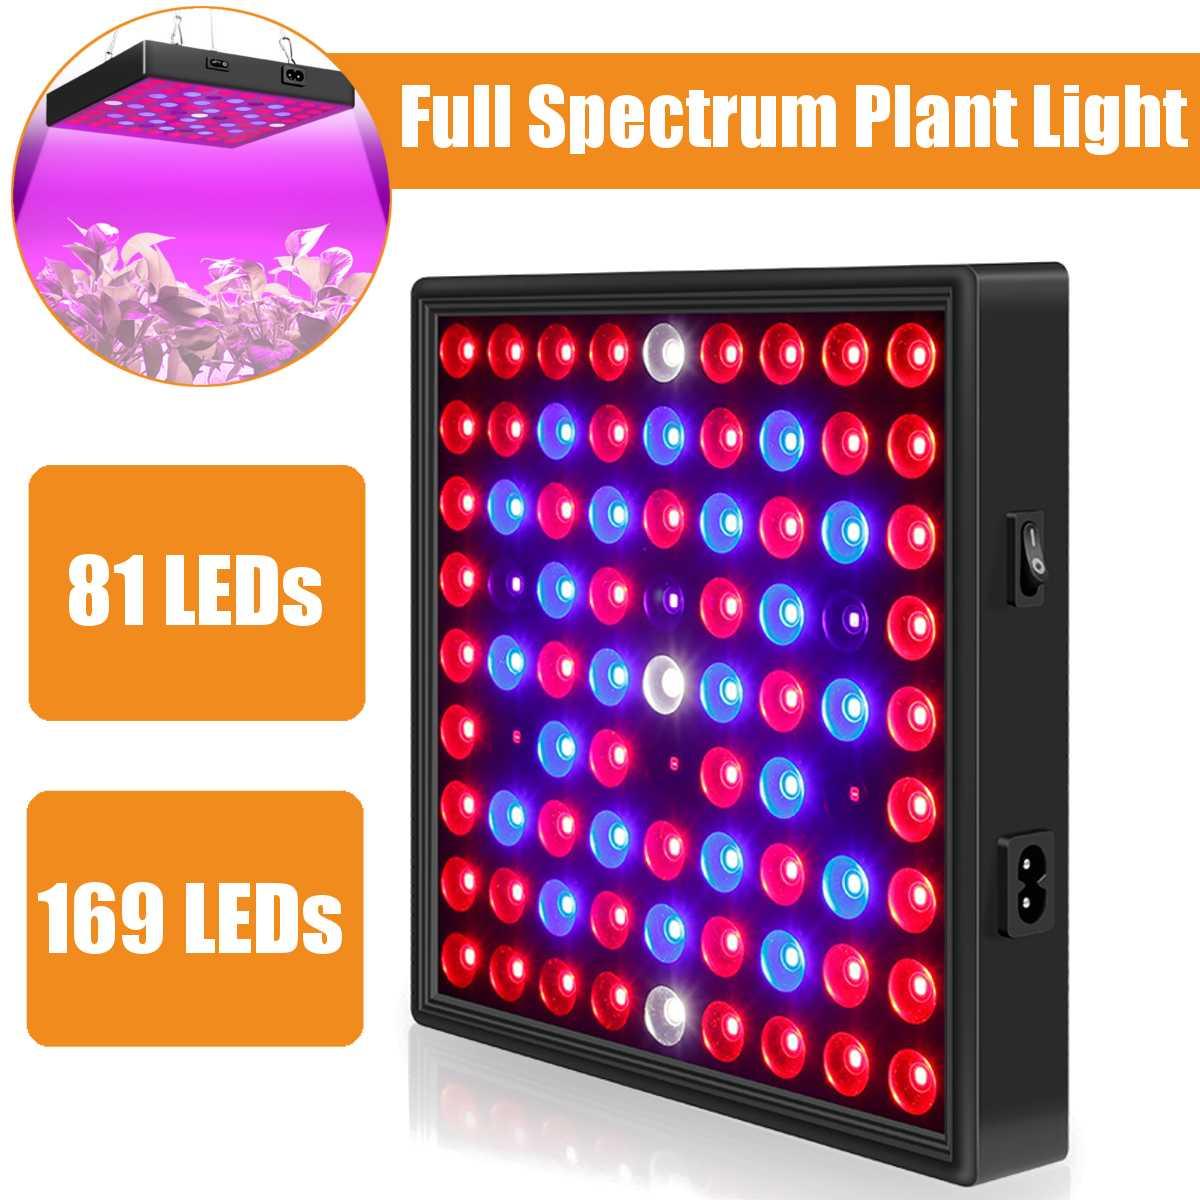 Lámpara de Panel de espectro completo de 3000W, lámpara LED de cultivo para invernadero, horticultura, lámpara de cultivo para planta de interior, lámpara para flores, modelo de conmutación